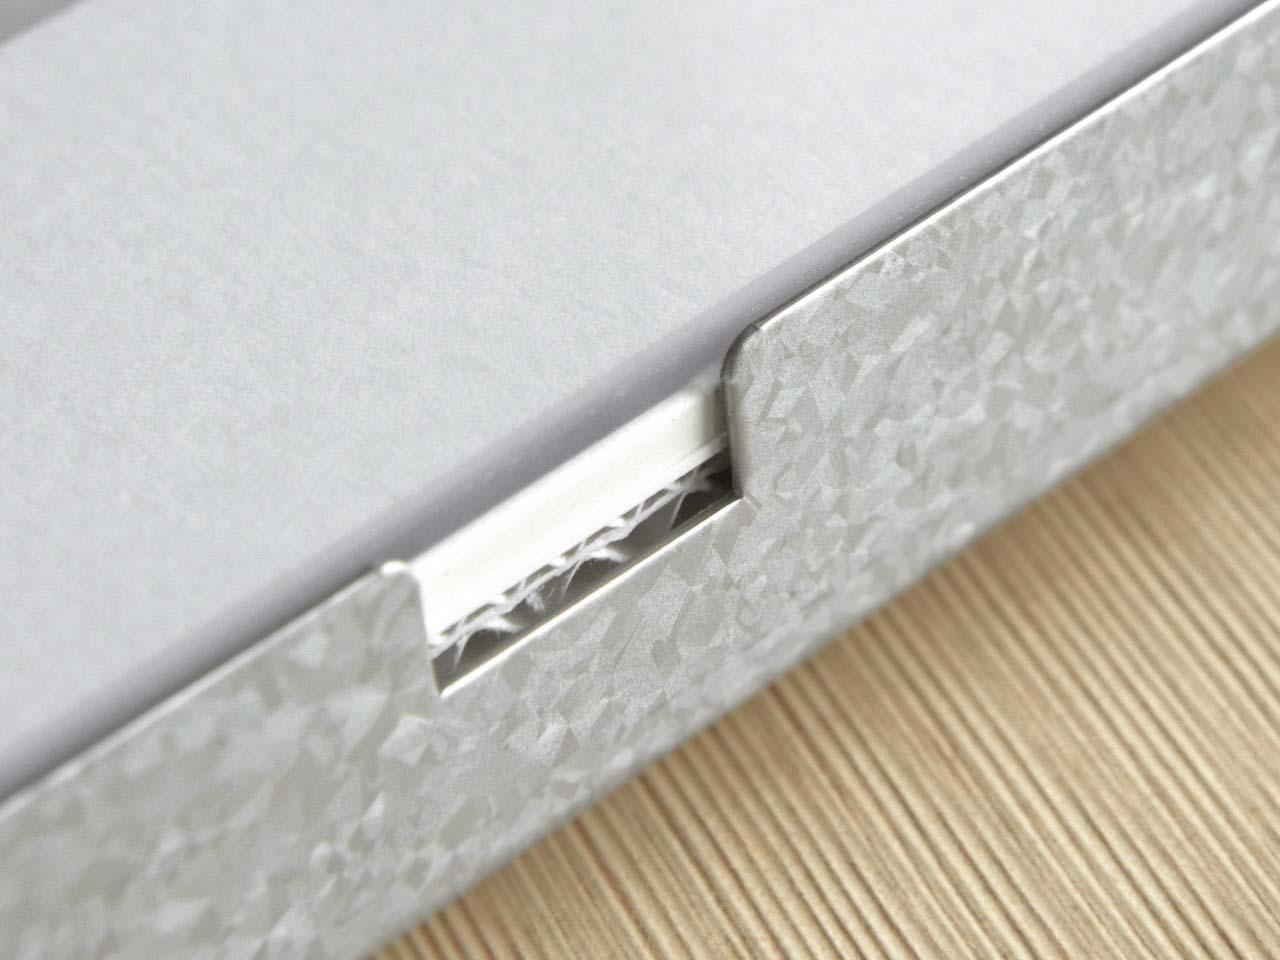 Conservo-Holz-16-EN-Grundelement-Aufbau_2350x1763